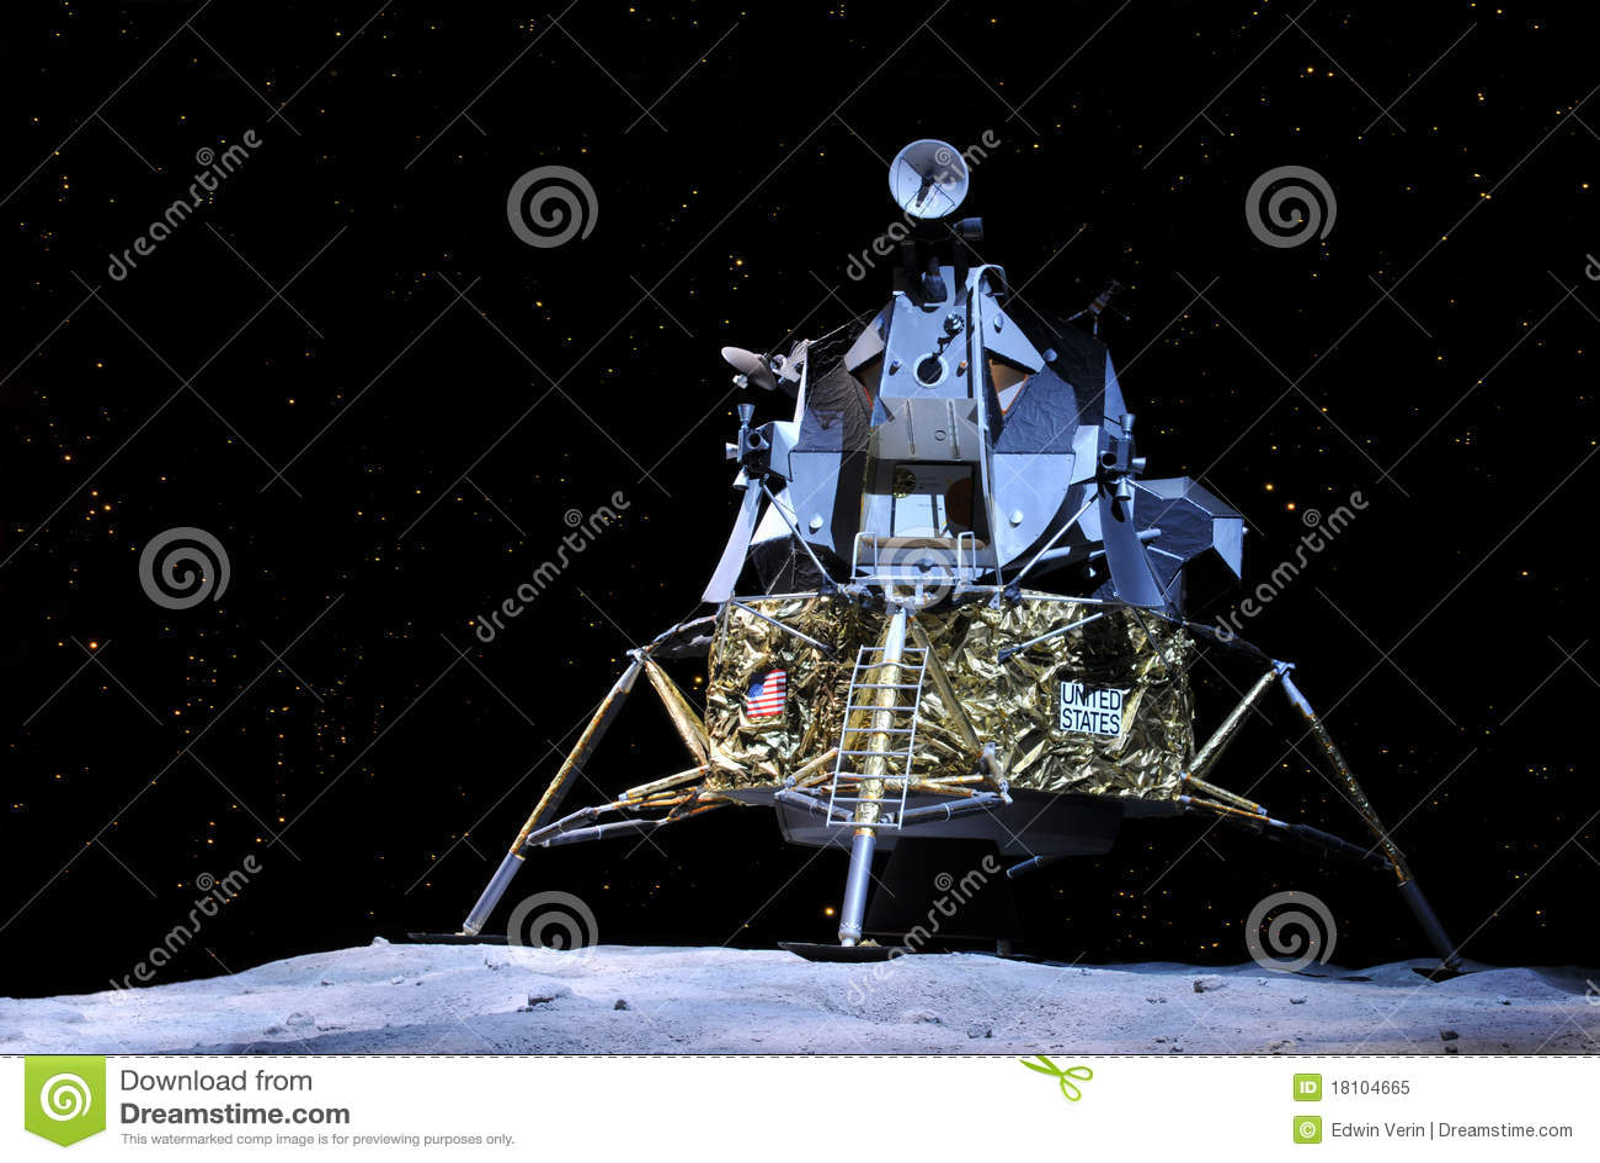 apollo lunar module design - photo #36